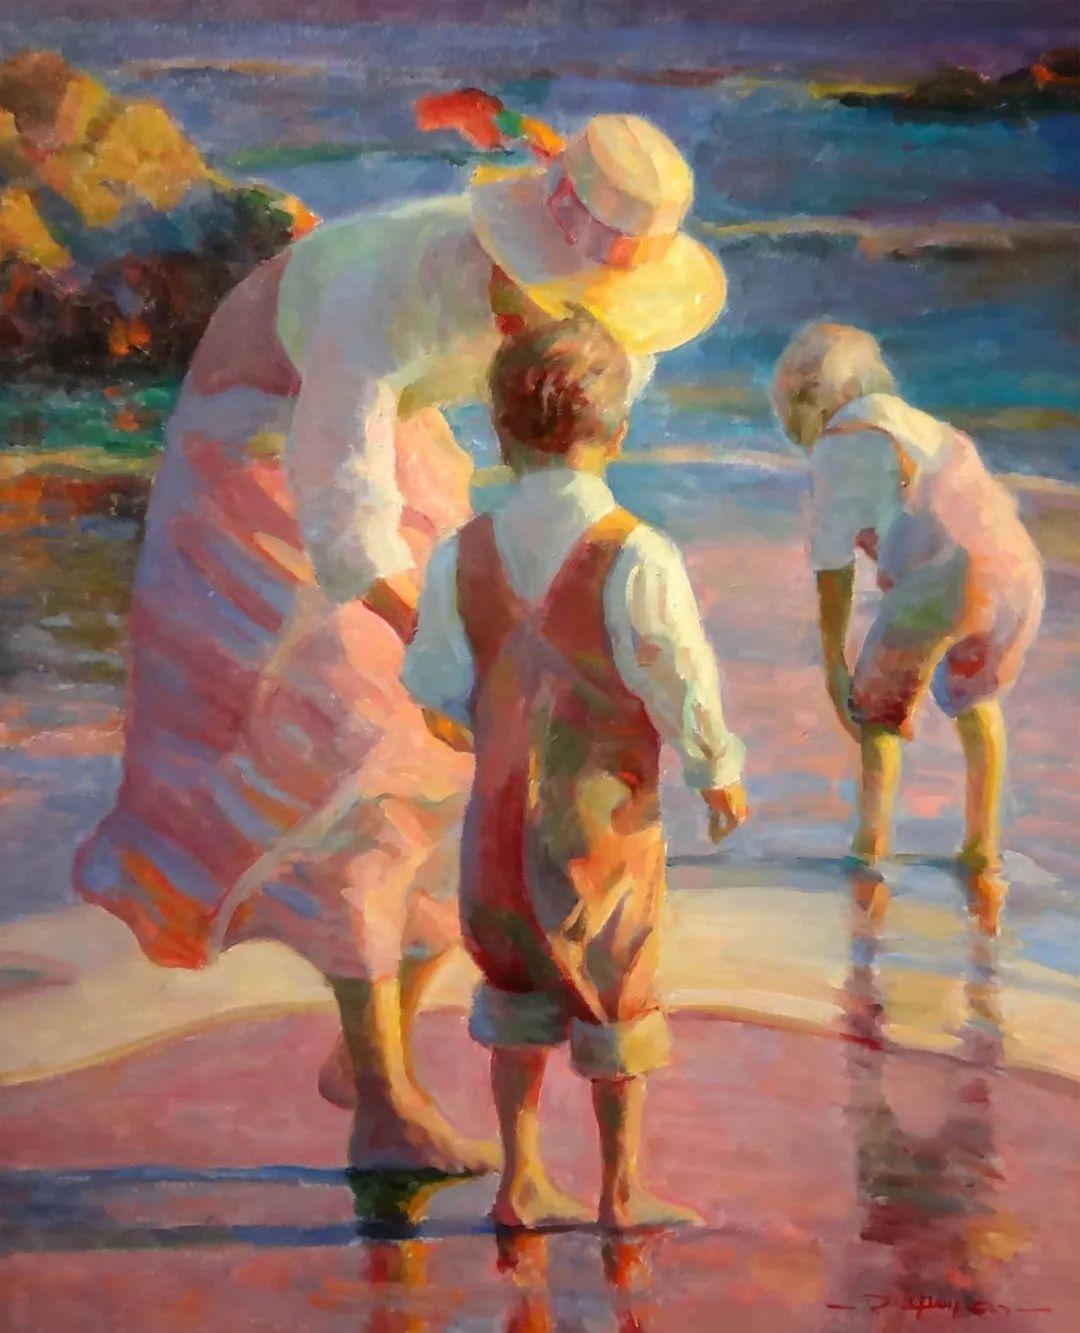 他的绘画以一种全新的、极其个人化的方式展现了光和形式!插图23